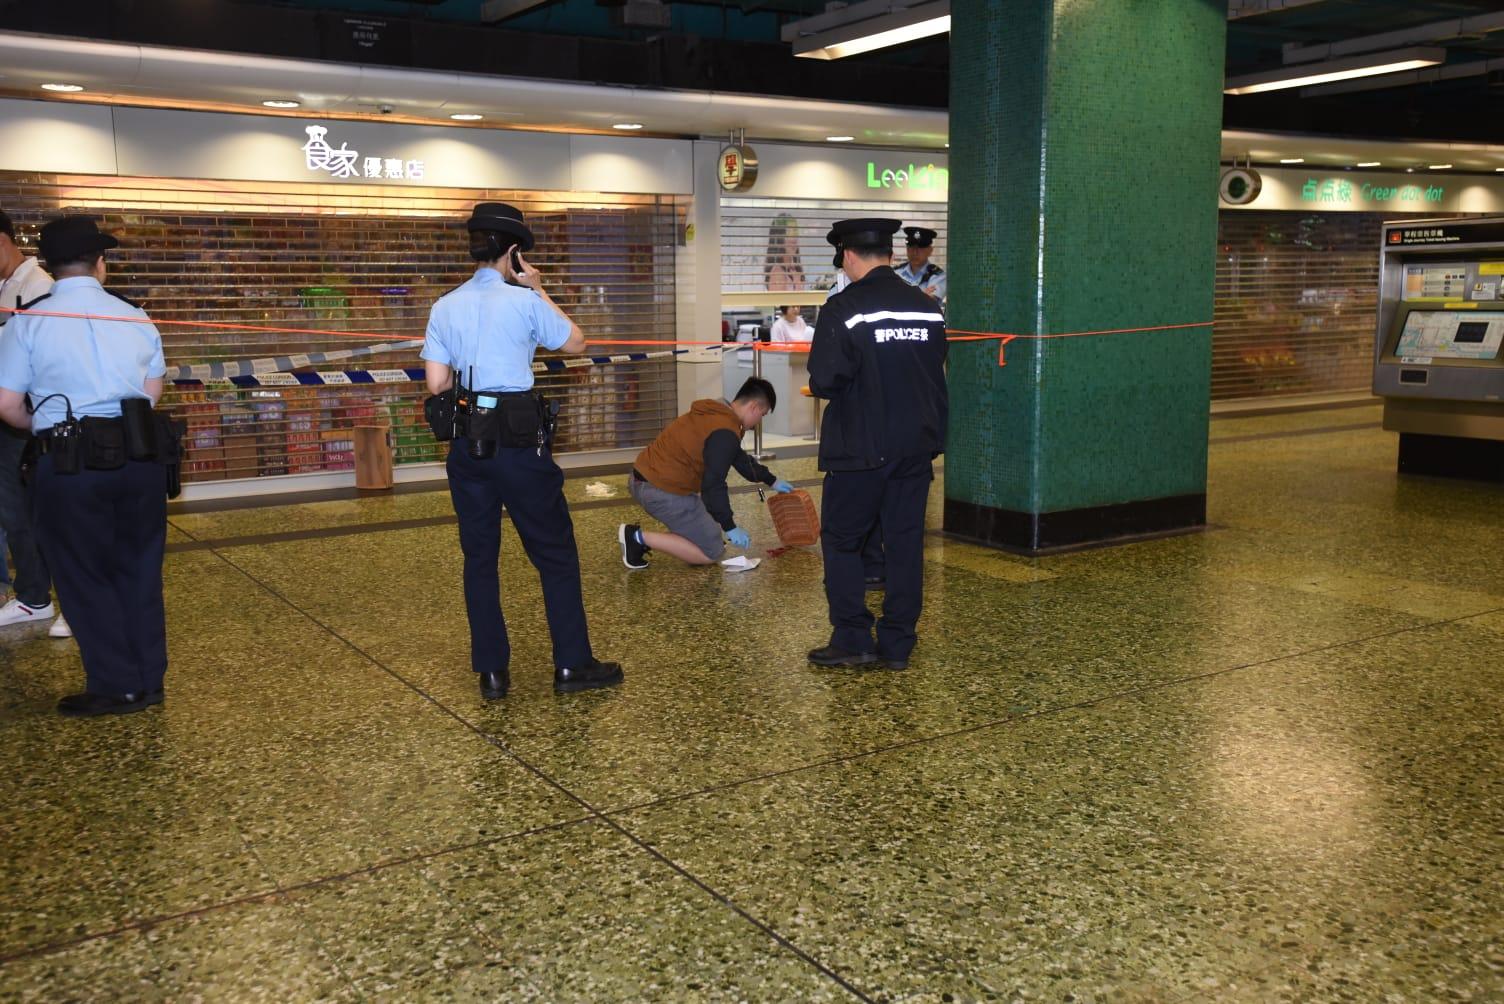 警方在現場檢獲鎅刀。